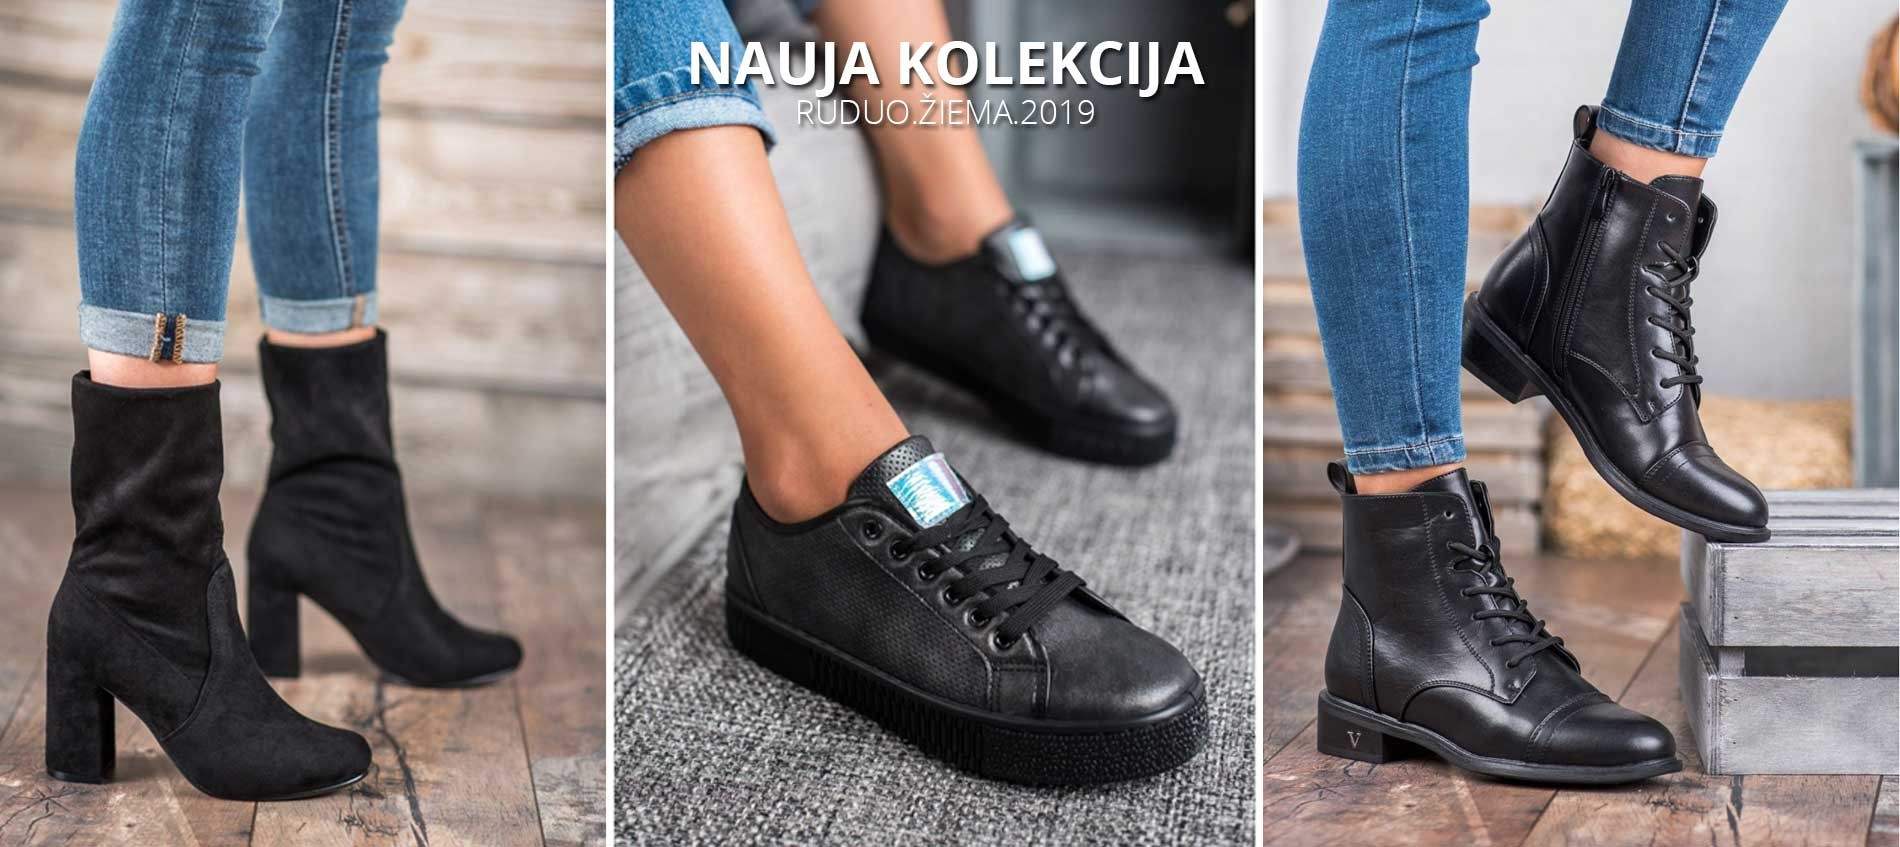 Nauja batų kolekcija 2019